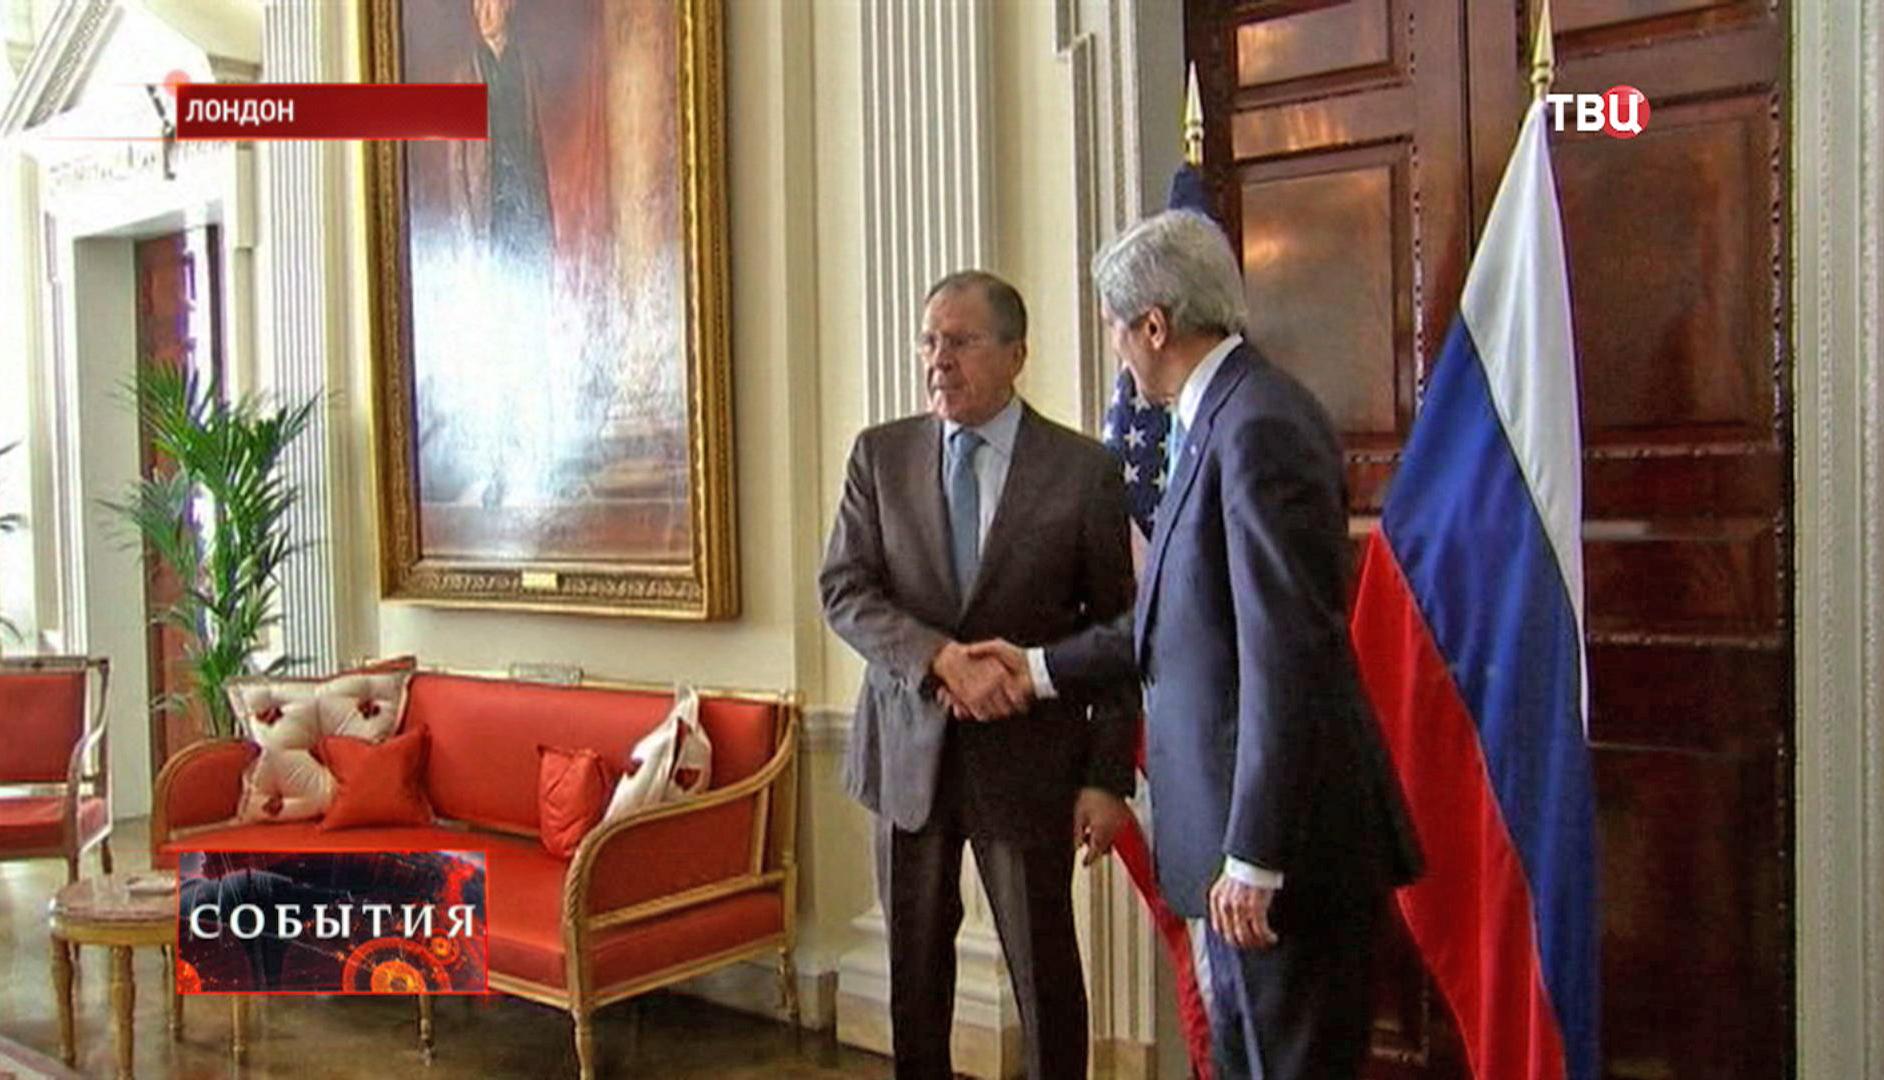 Встреча Сергея Лаврова и Джона Керри в Лондоне